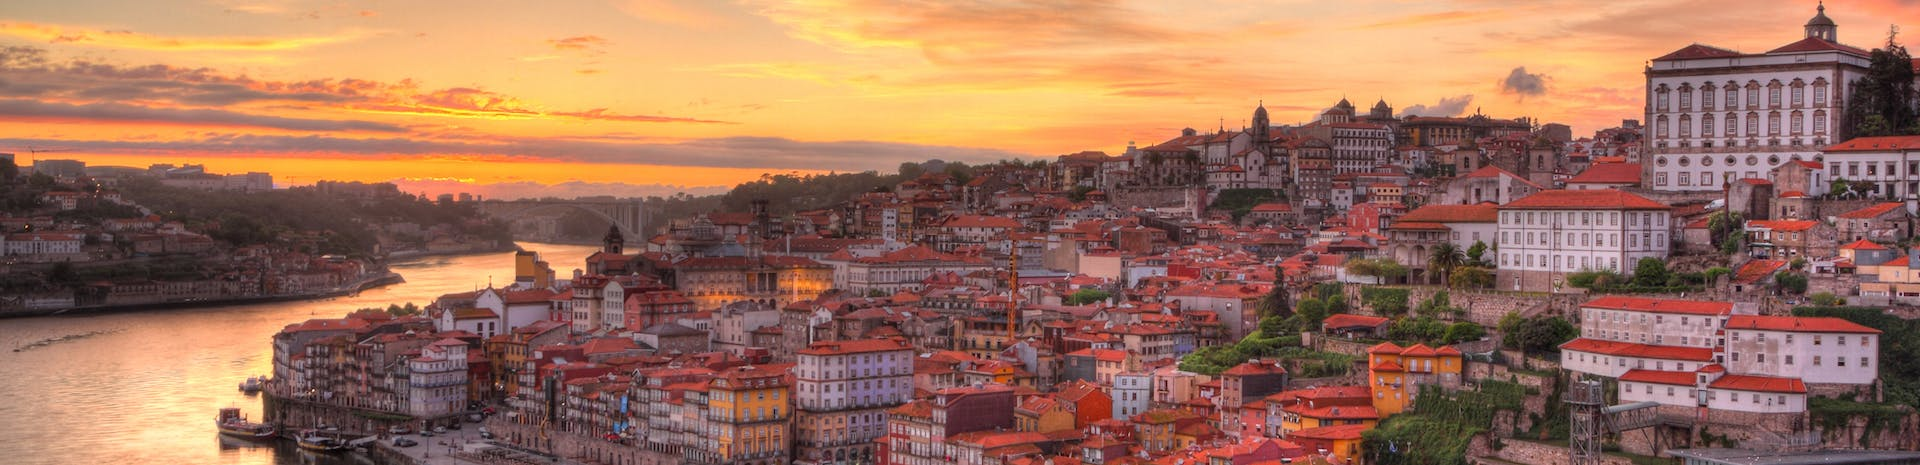 Picture of Alverca do Ribatejo